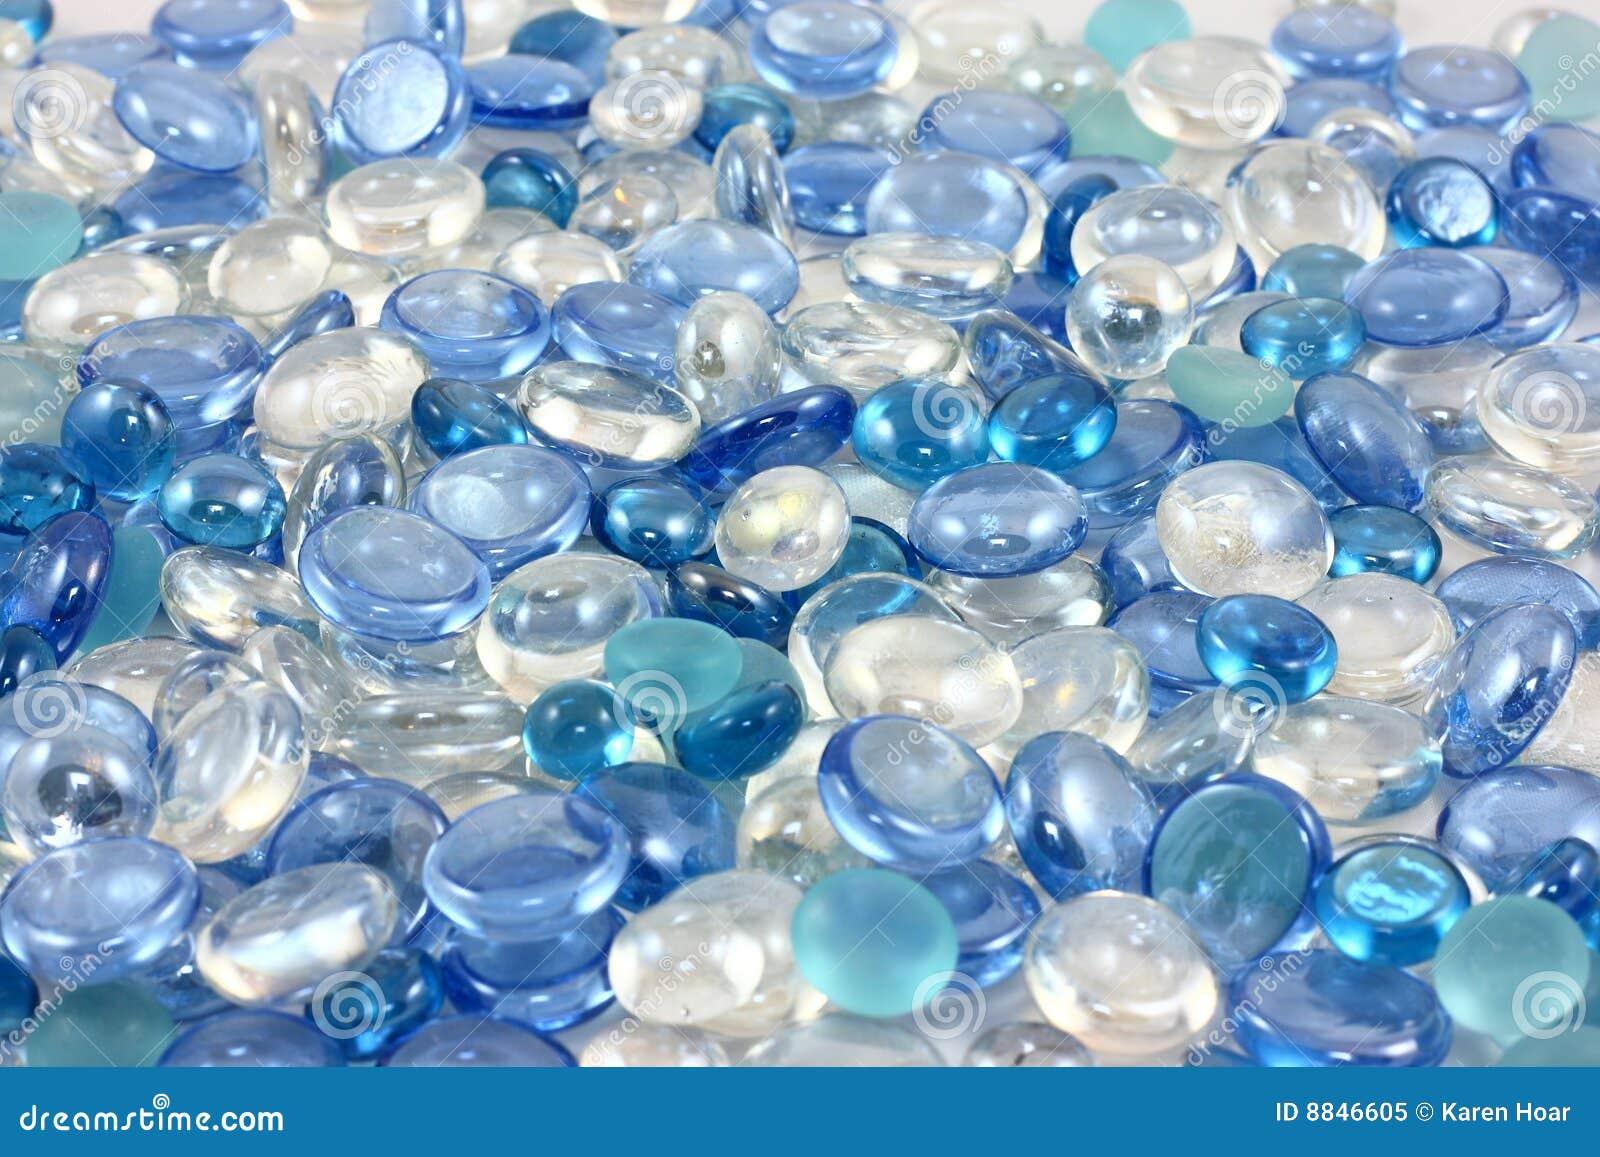 Aqua Glass Pebbles